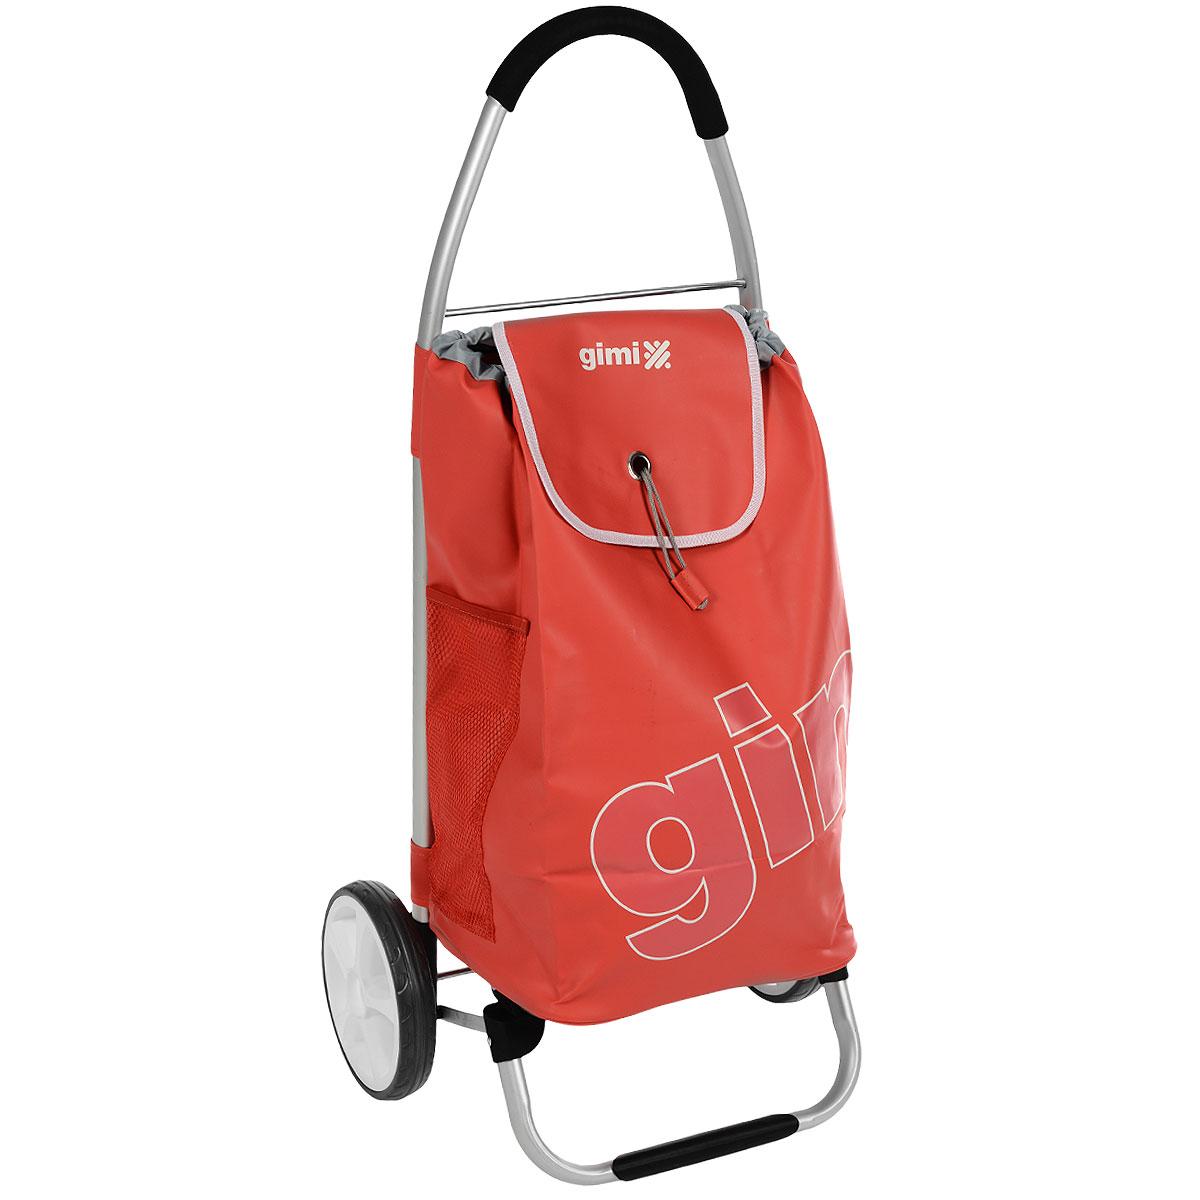 Сумка-тележка Gimi Galaxy, цвет: красный150254501Сумка-тележка Gimi Galaxy это очень мощная сумка-тележка для самых непроходимых дорог и любой непогоды. Легкий каркас из алюминия с надежной подножкой и дополнительными перемычками на основании для повышенной прочности, тщательно изготовленные детали из высокопрочного полимера. Колеса облегченные, со скользящей втулкой для лучшего вращения. Покрытие колес изготовлено из севилена – износостойкого и морозоустойчивого материала. Широкая горловина сумки затягивается на кулиску и накрывается клапаном с оригинальной застежкой. Внутри сумки – вставное пластиковое дно для жесткости и придания формы, по бокам два глубоких кармана из сетки, сзади дополнительный карман на молнии. Максимальная грузоподъемность: 30 кг.